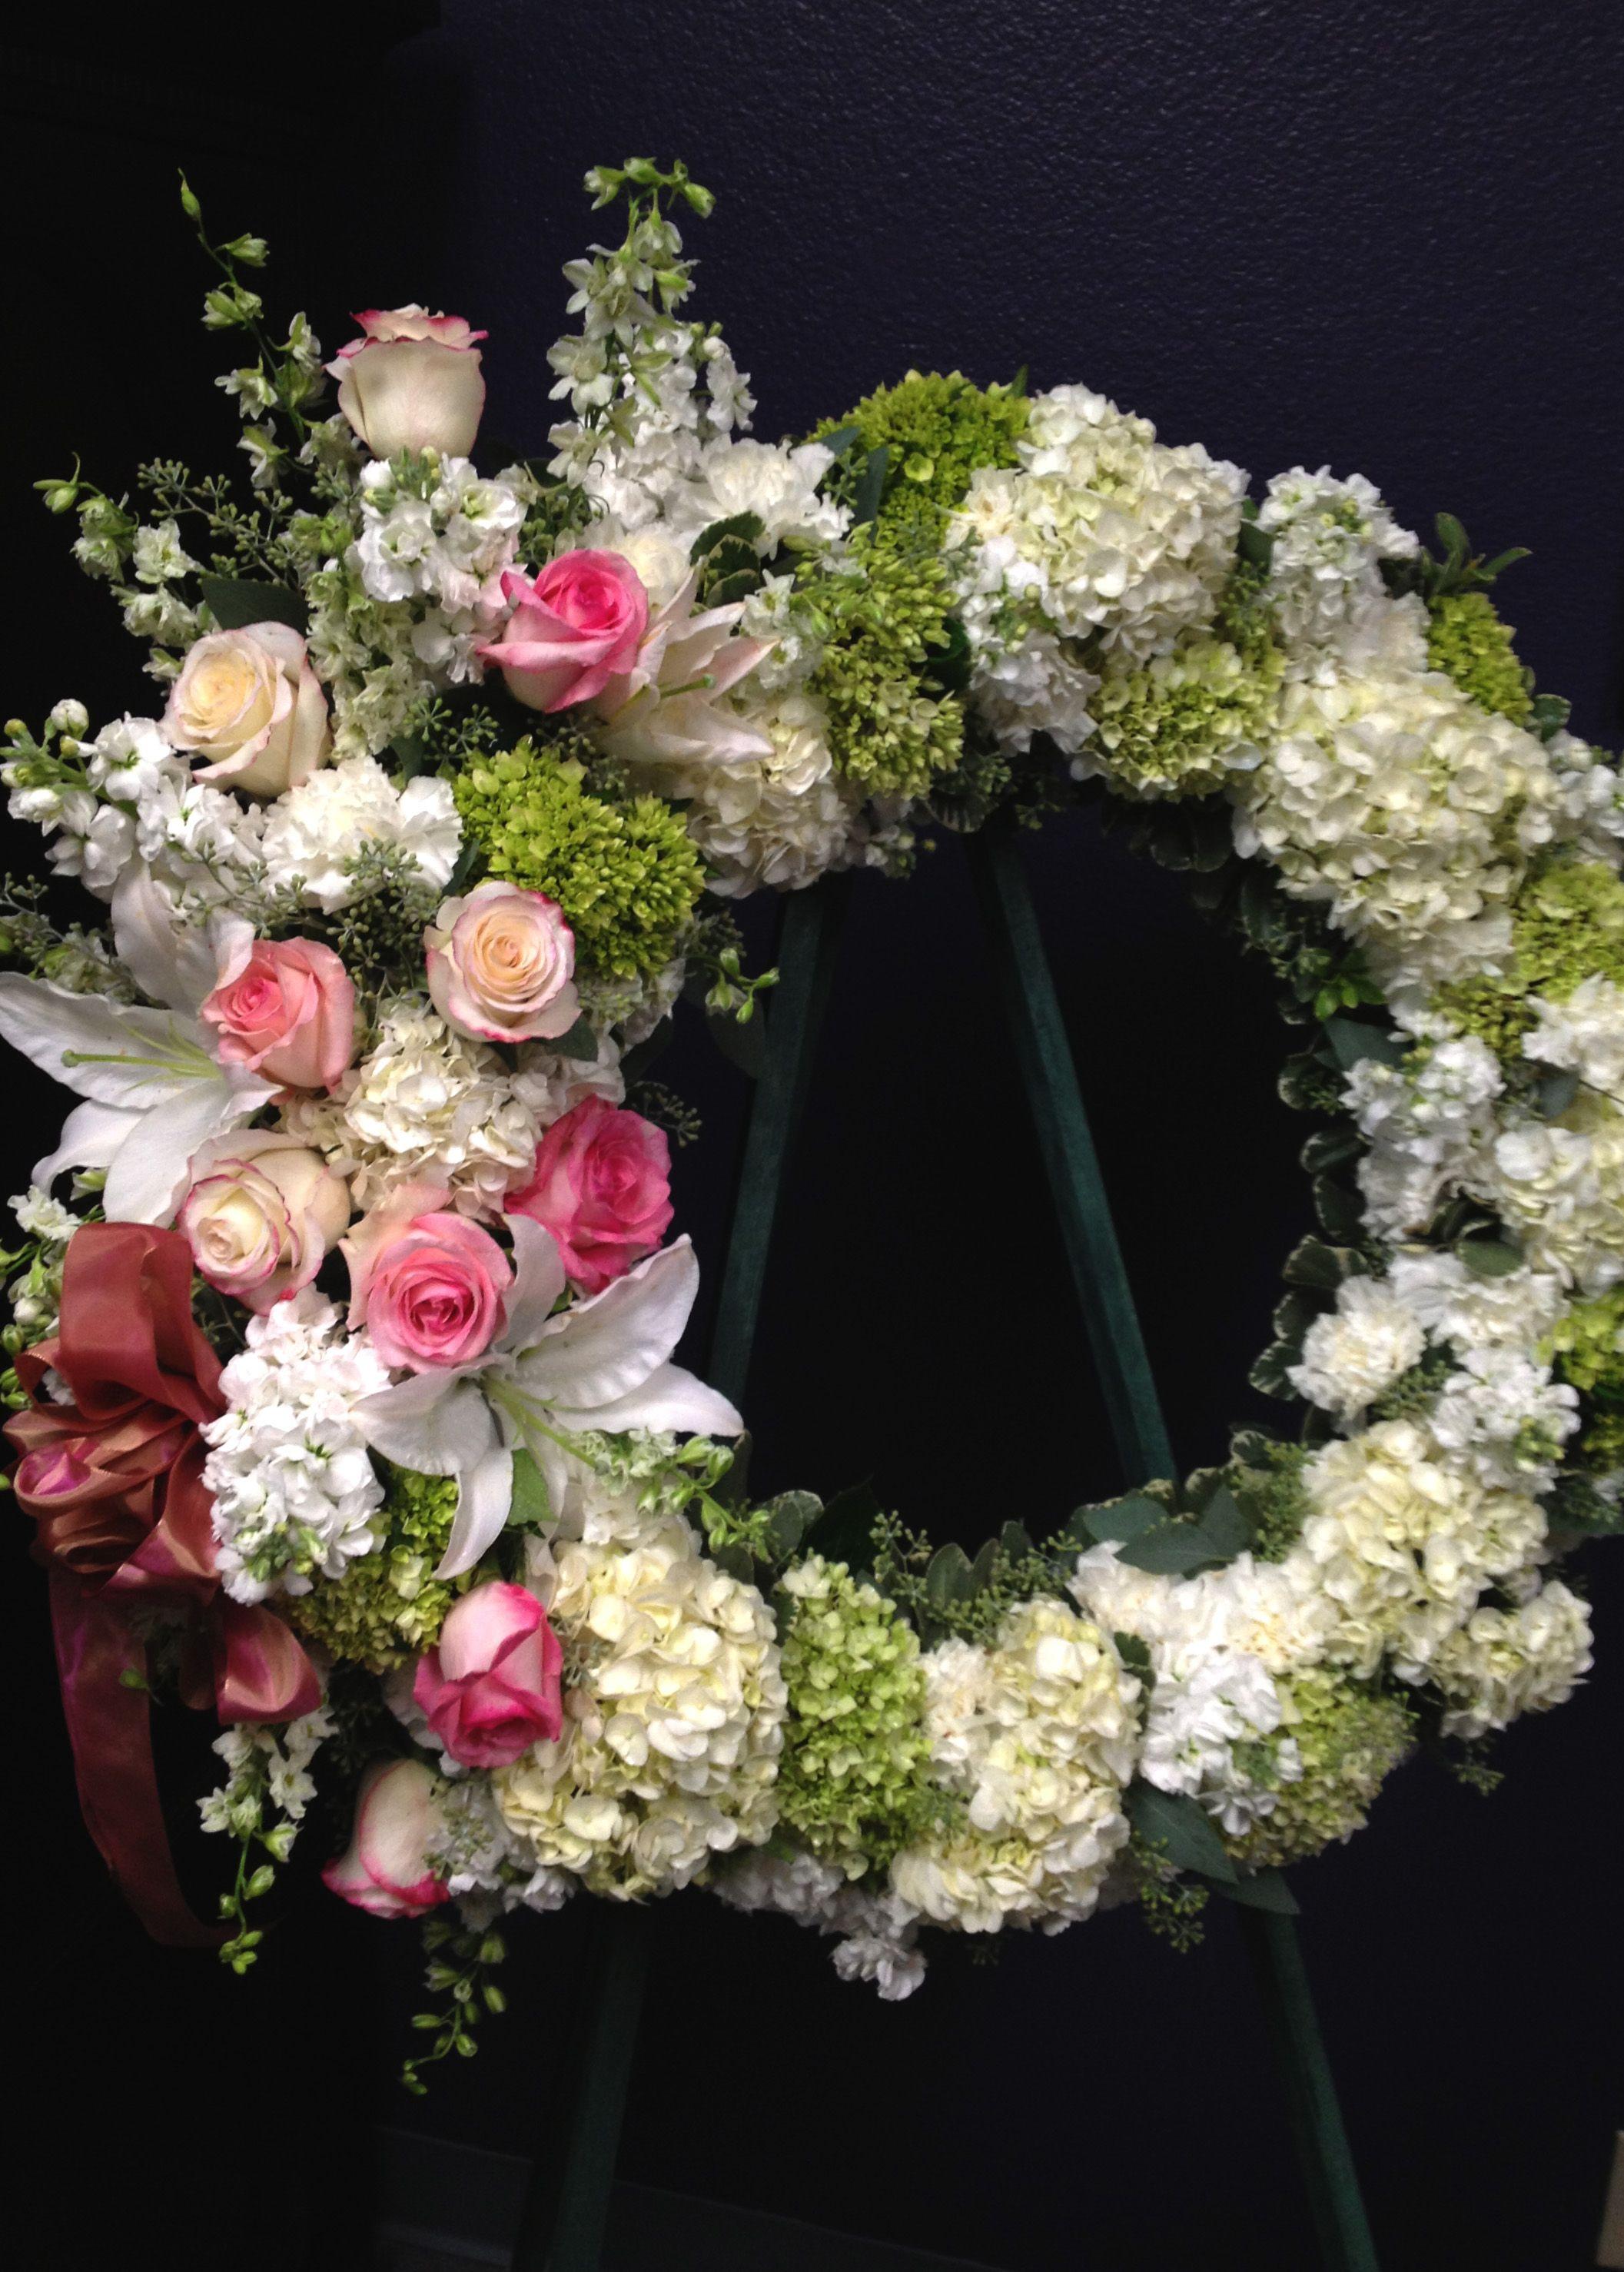 pinkwhitewreath2.jpg 2,113×2,956 pixels Funeral flower